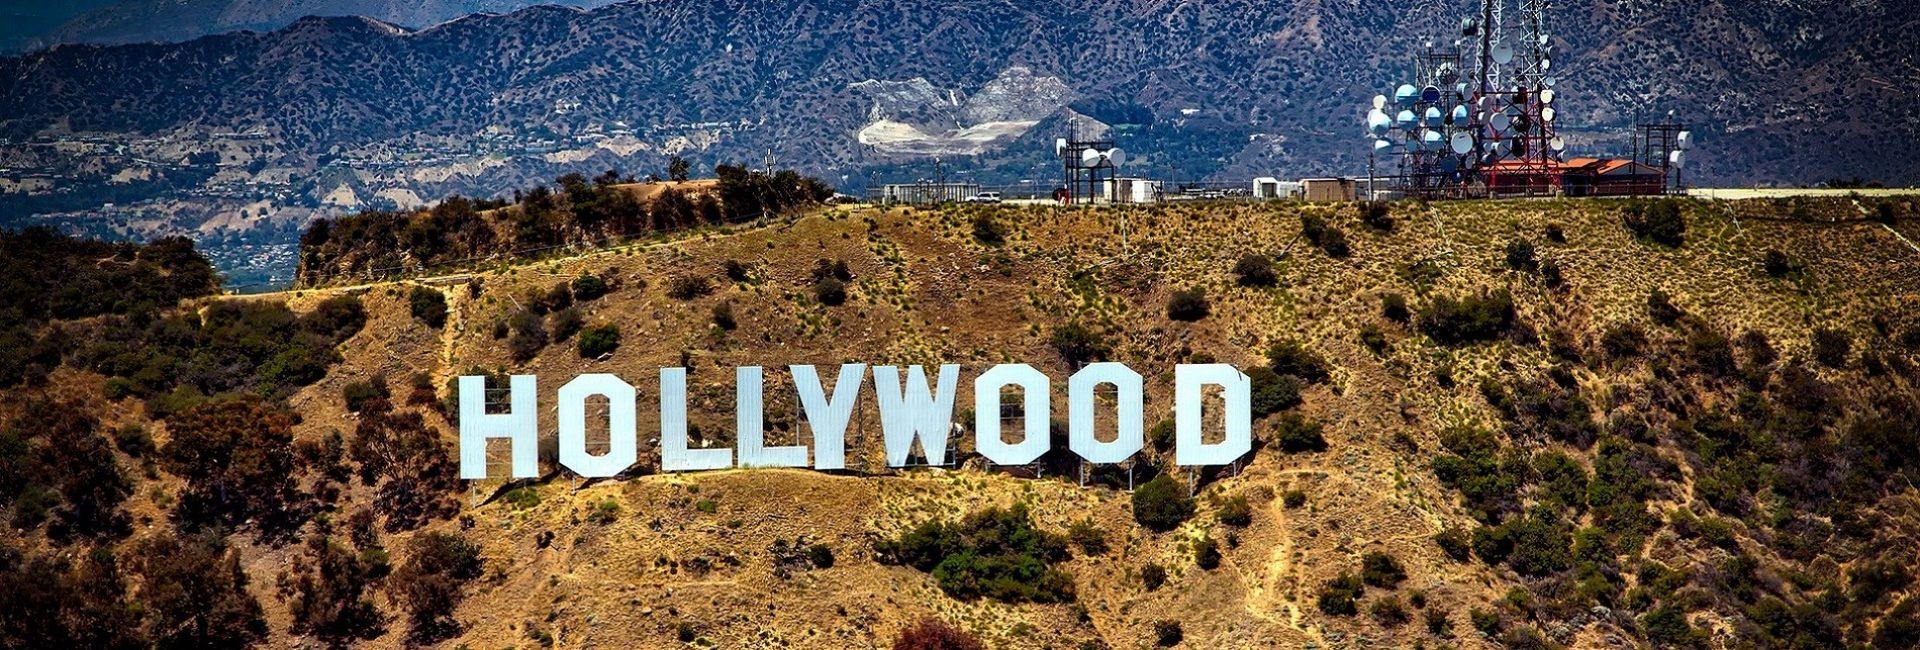 Tečaj engleskog jezika - EF Los Angeles